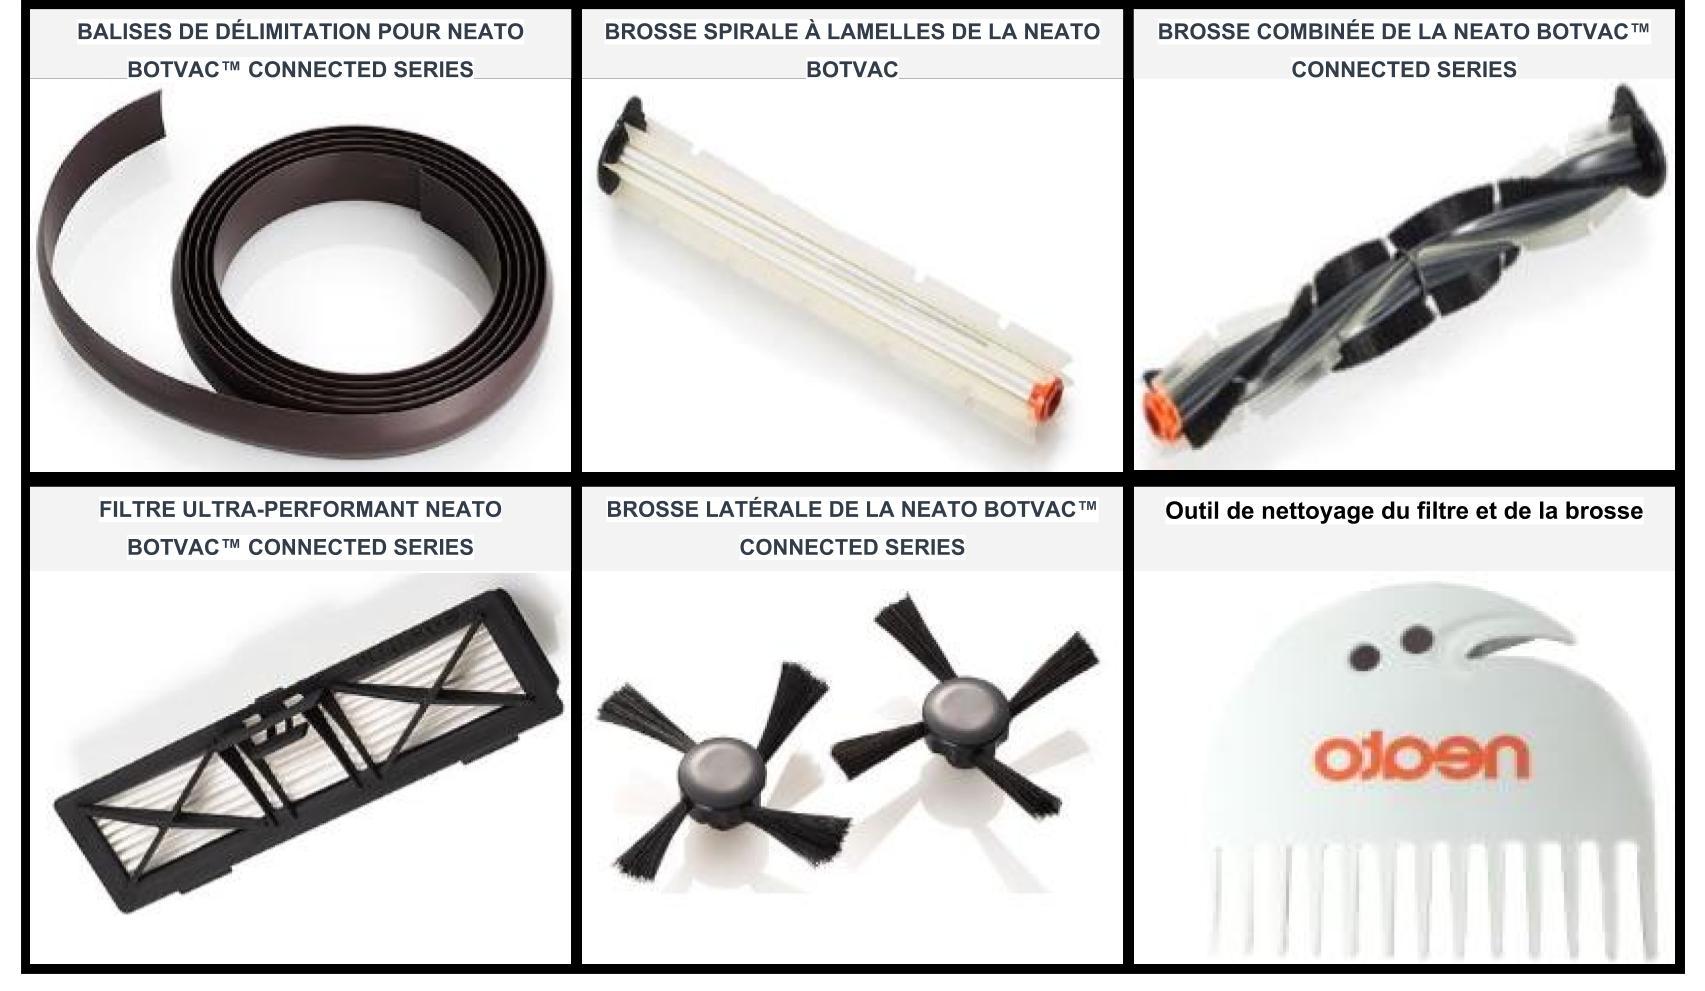 Accessoires du robot aspirateur Neato Robotics 945-0181 Botvac connected